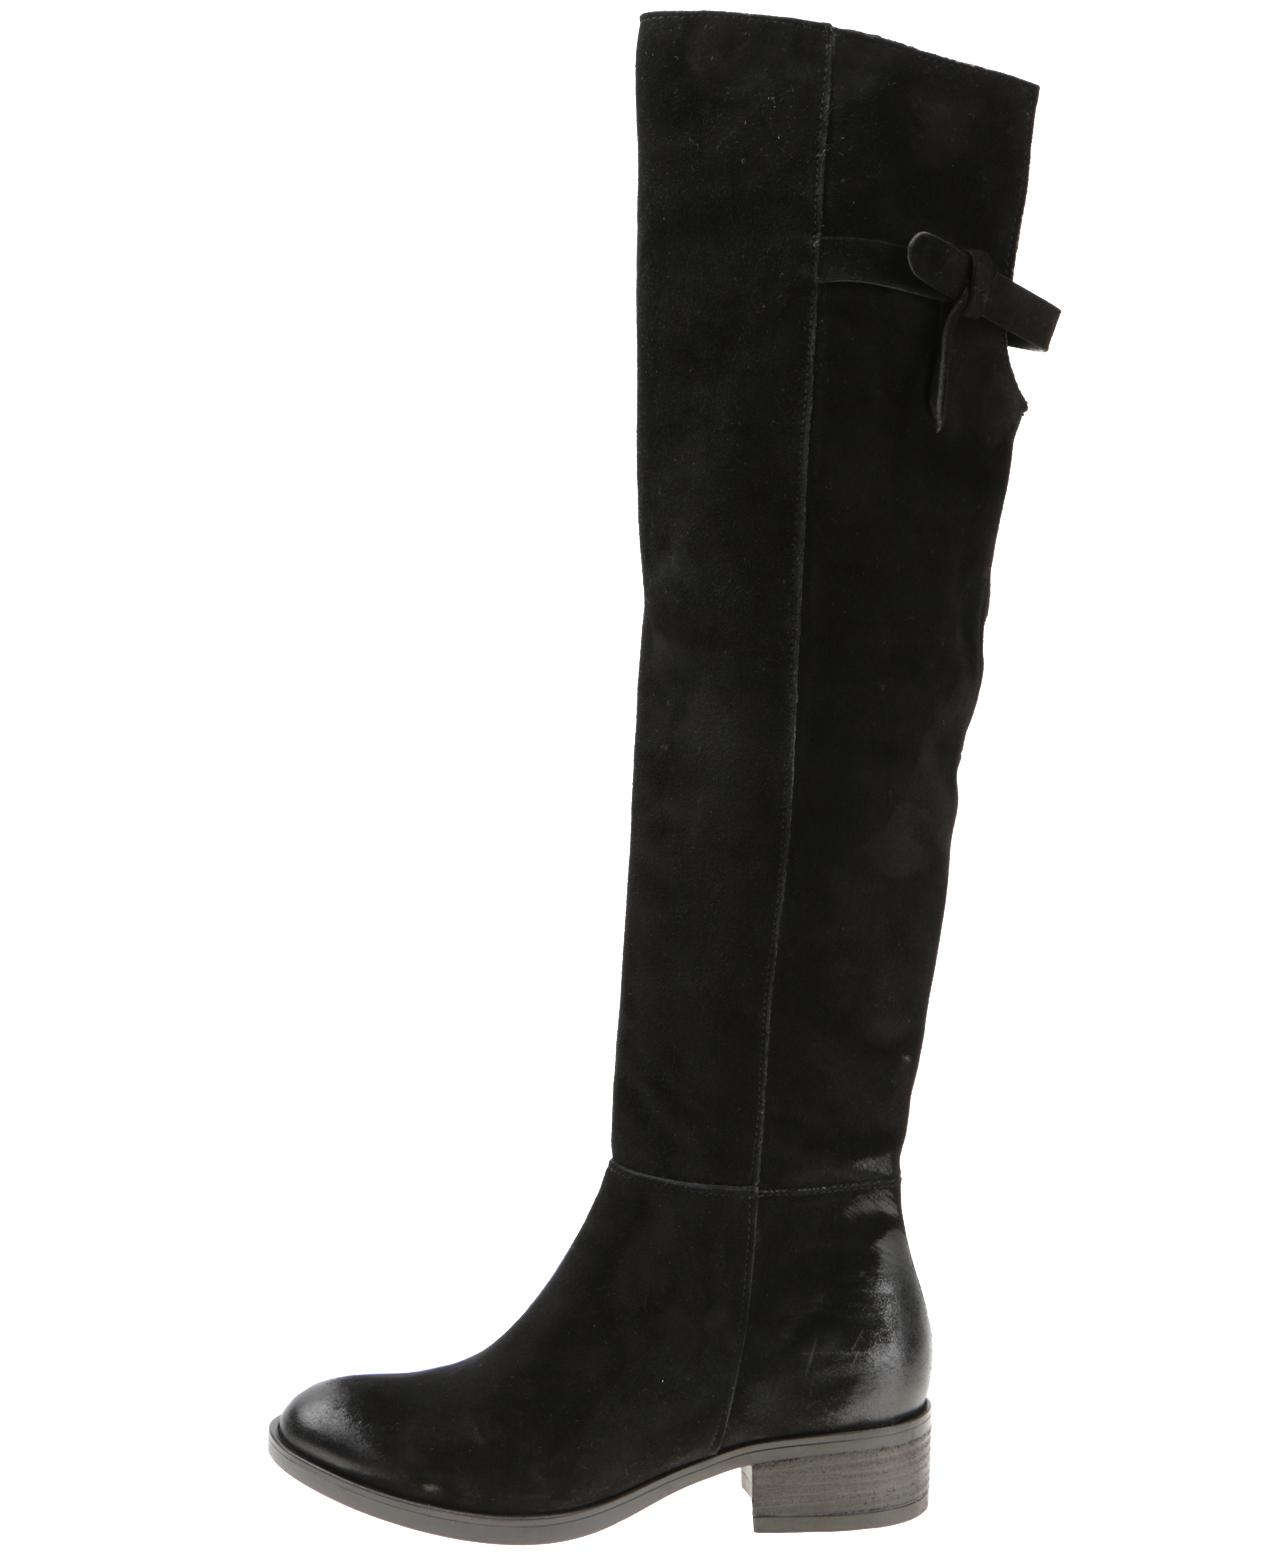 MJUS Damen Overknee Stiefel | MJUS Offizieller Onlineshop